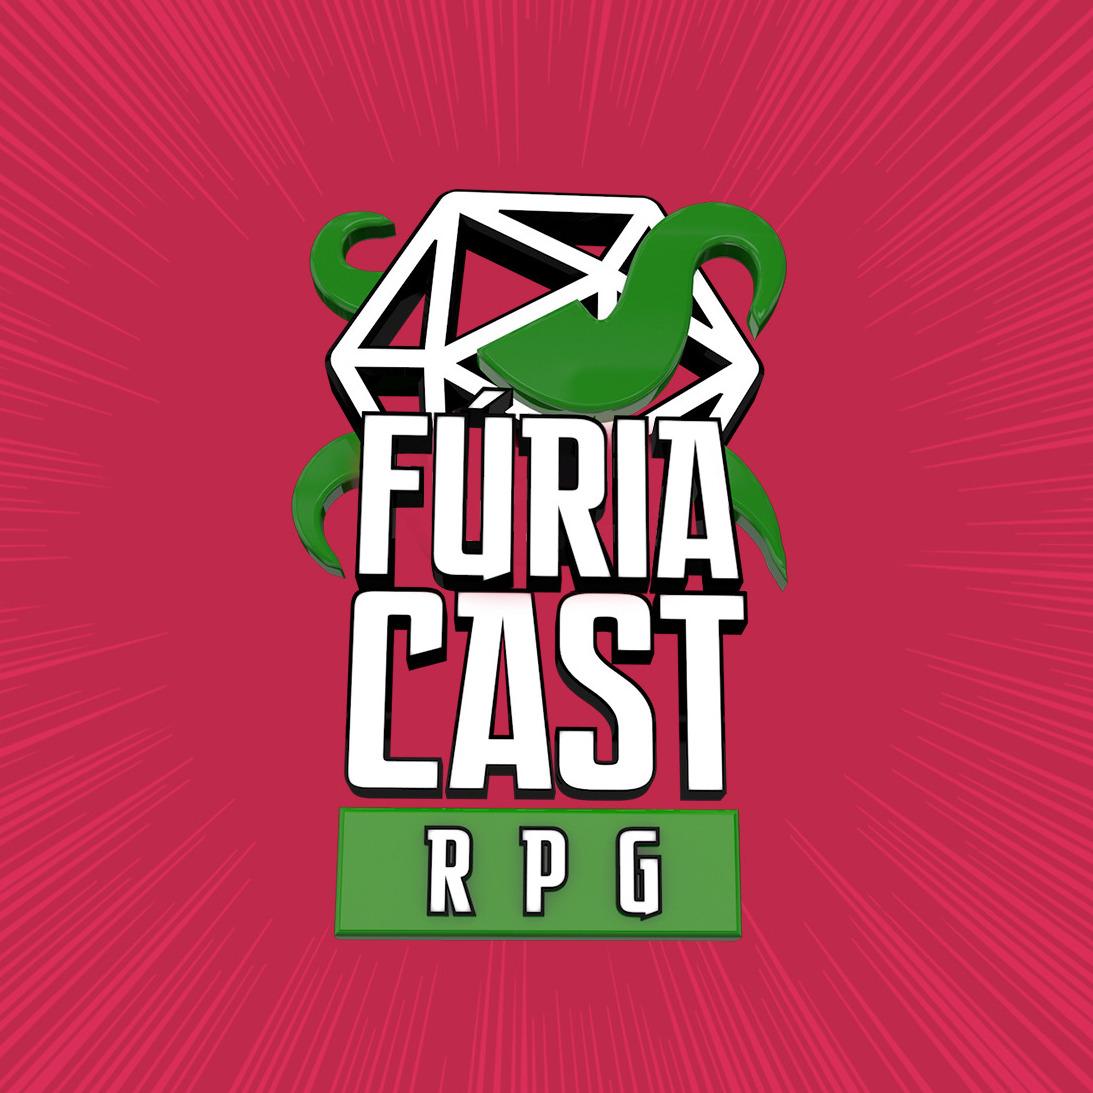 FúriaCast RPG